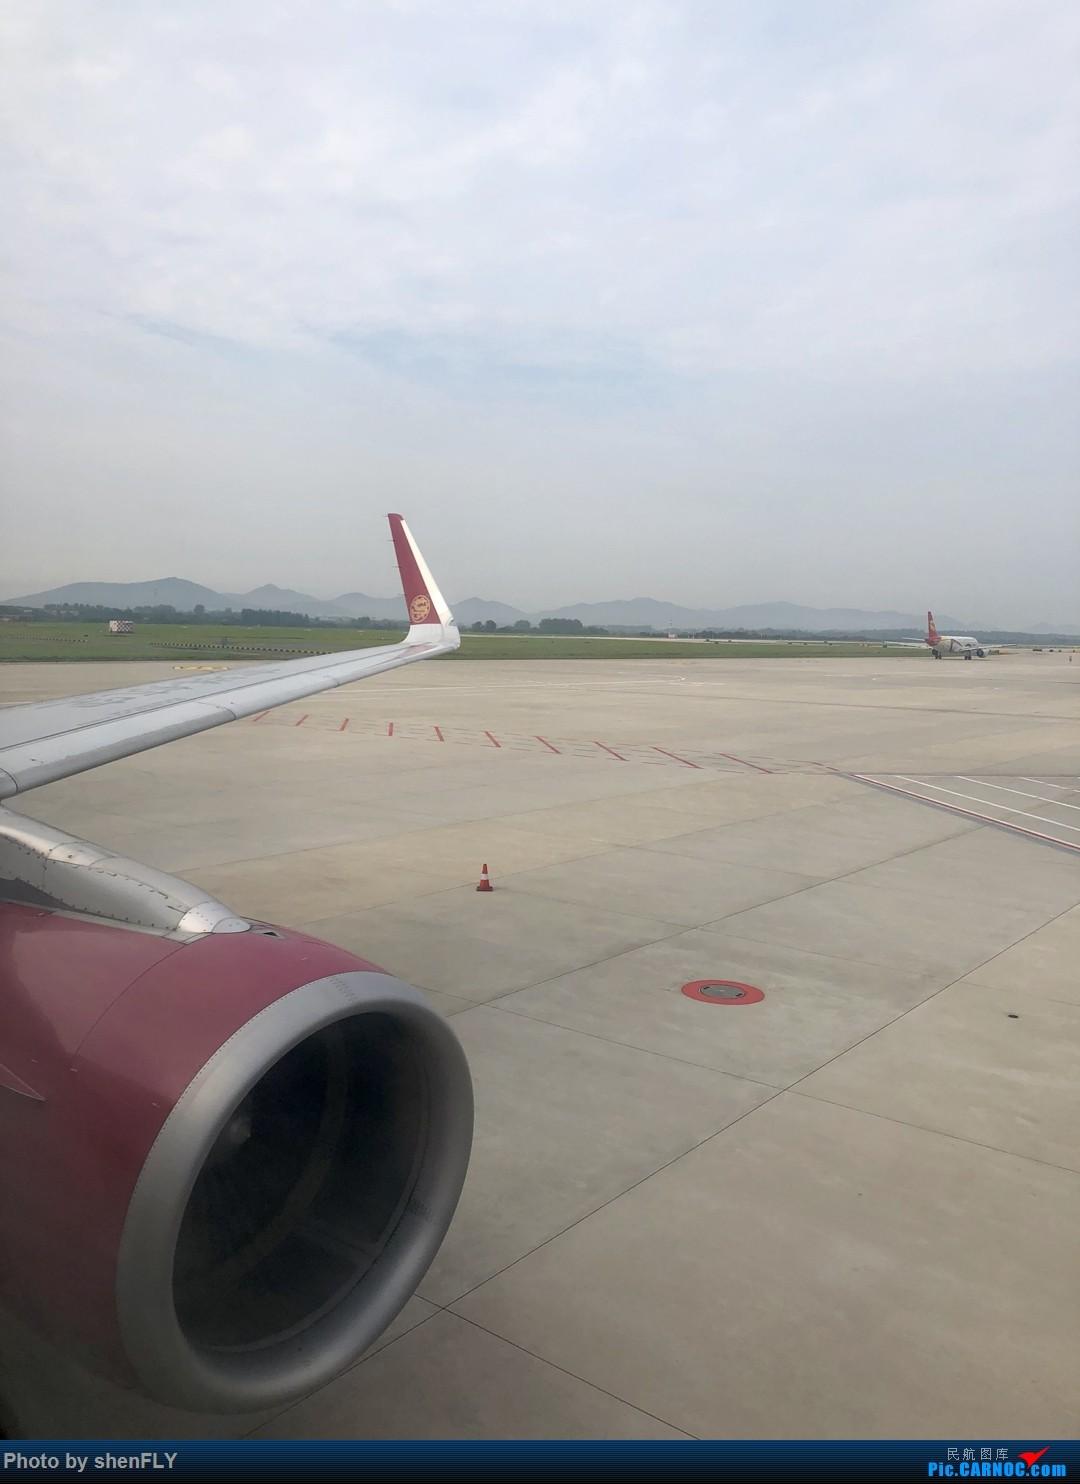 Re:[原创]【空铁联运】体验南京飞盐城,江苏省内最短的一条定期民航;追忆15年前名车庞巴迪BSP AIRBUS A320-200 B-1871 中国南京禄口国际机场